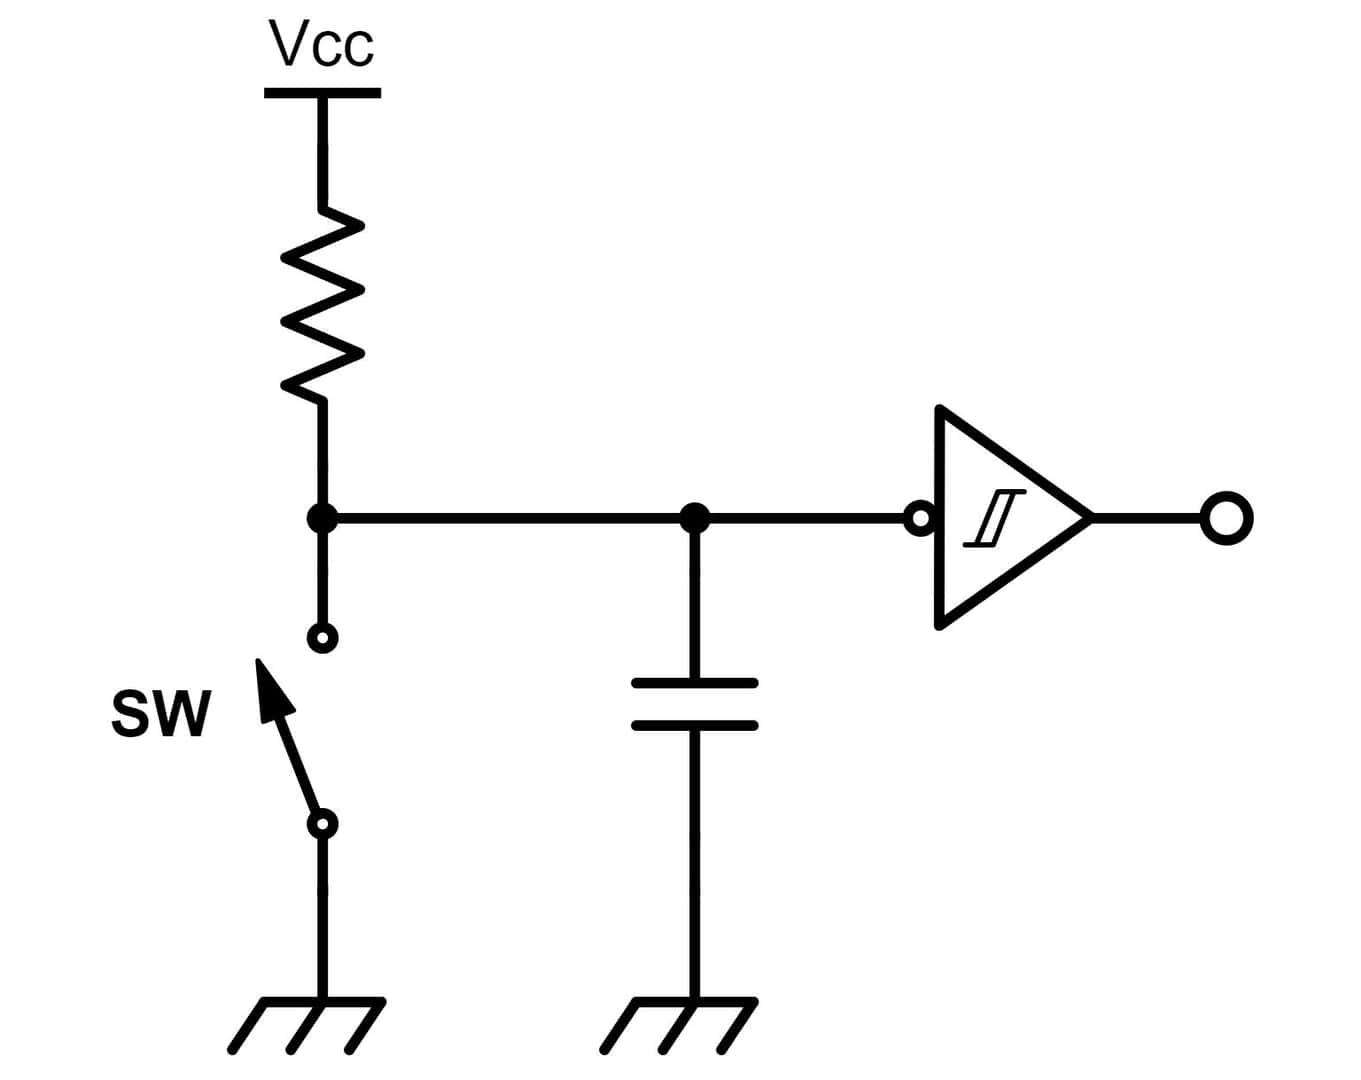 スイッチが複数回押される現象を直す、チャタリングを対策する【逆引き回路設計】